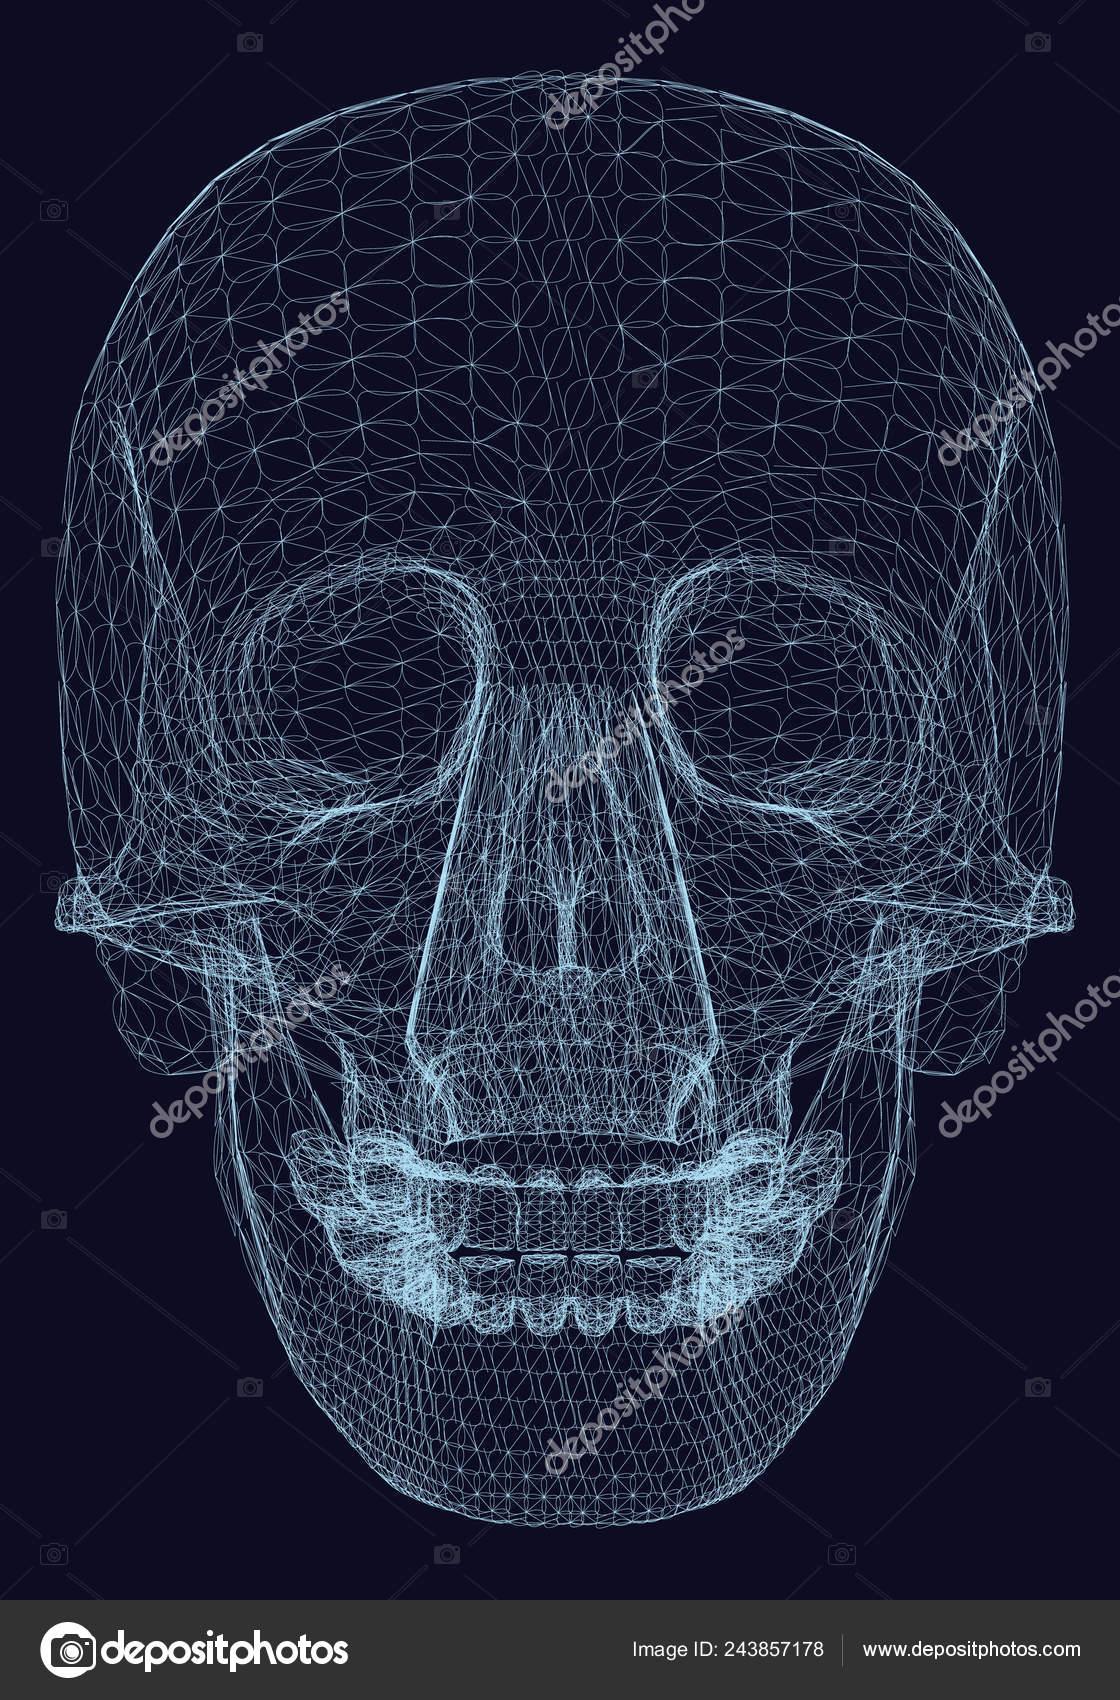 Estructura Metálica Cráneo Humano Decorativo Sobre Fondo